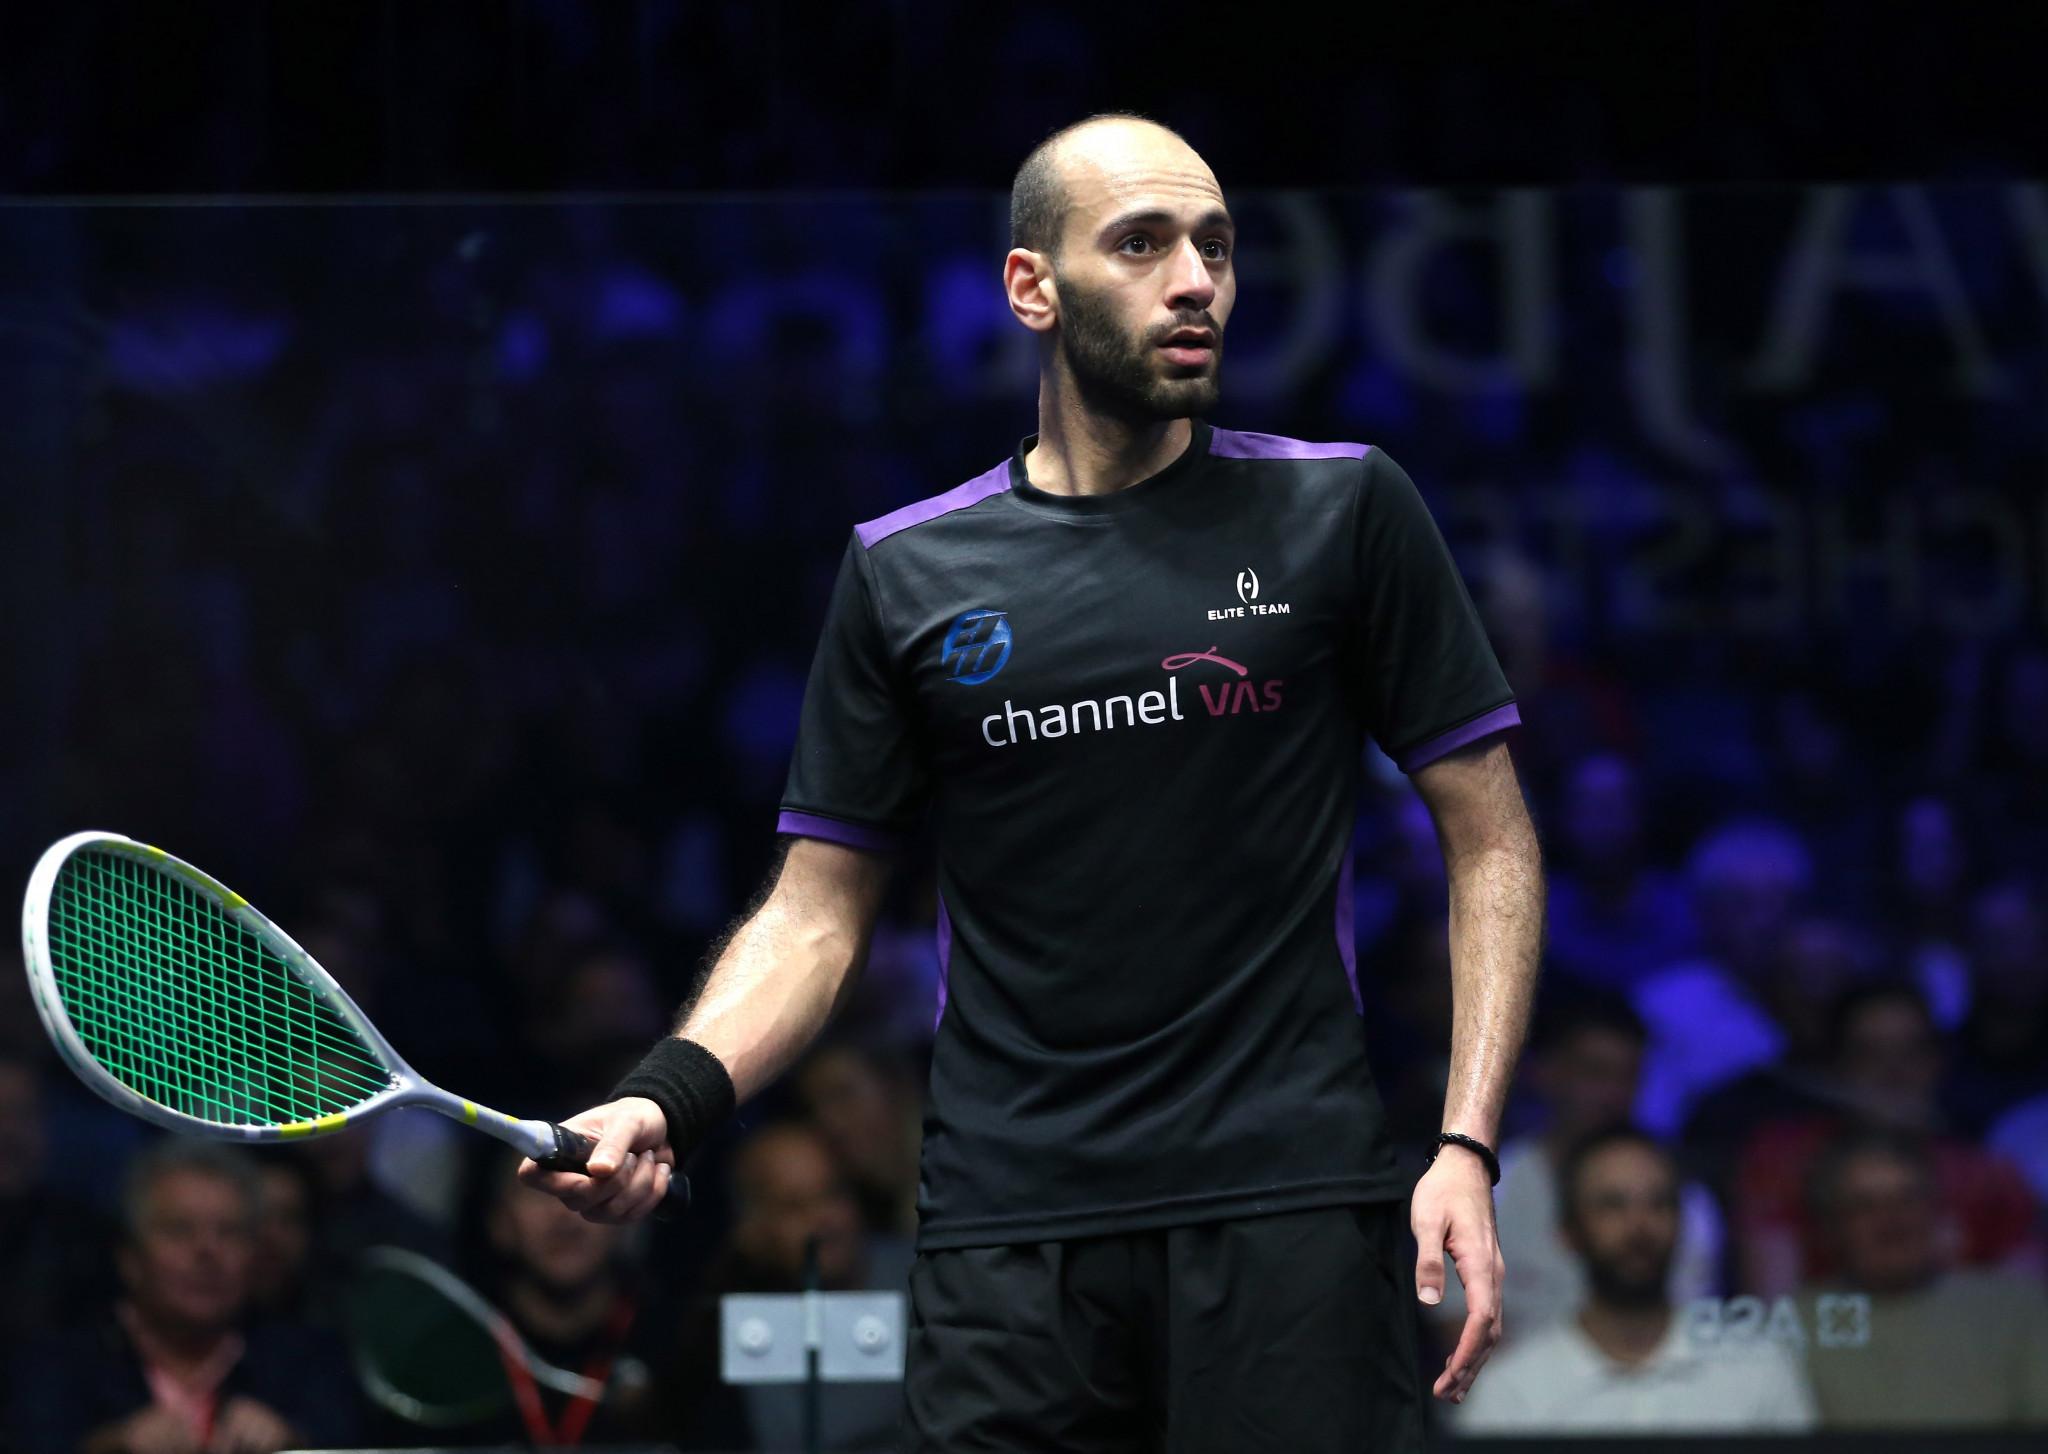 Marwan ElShorbagy survives five game clash at PSA World Championships